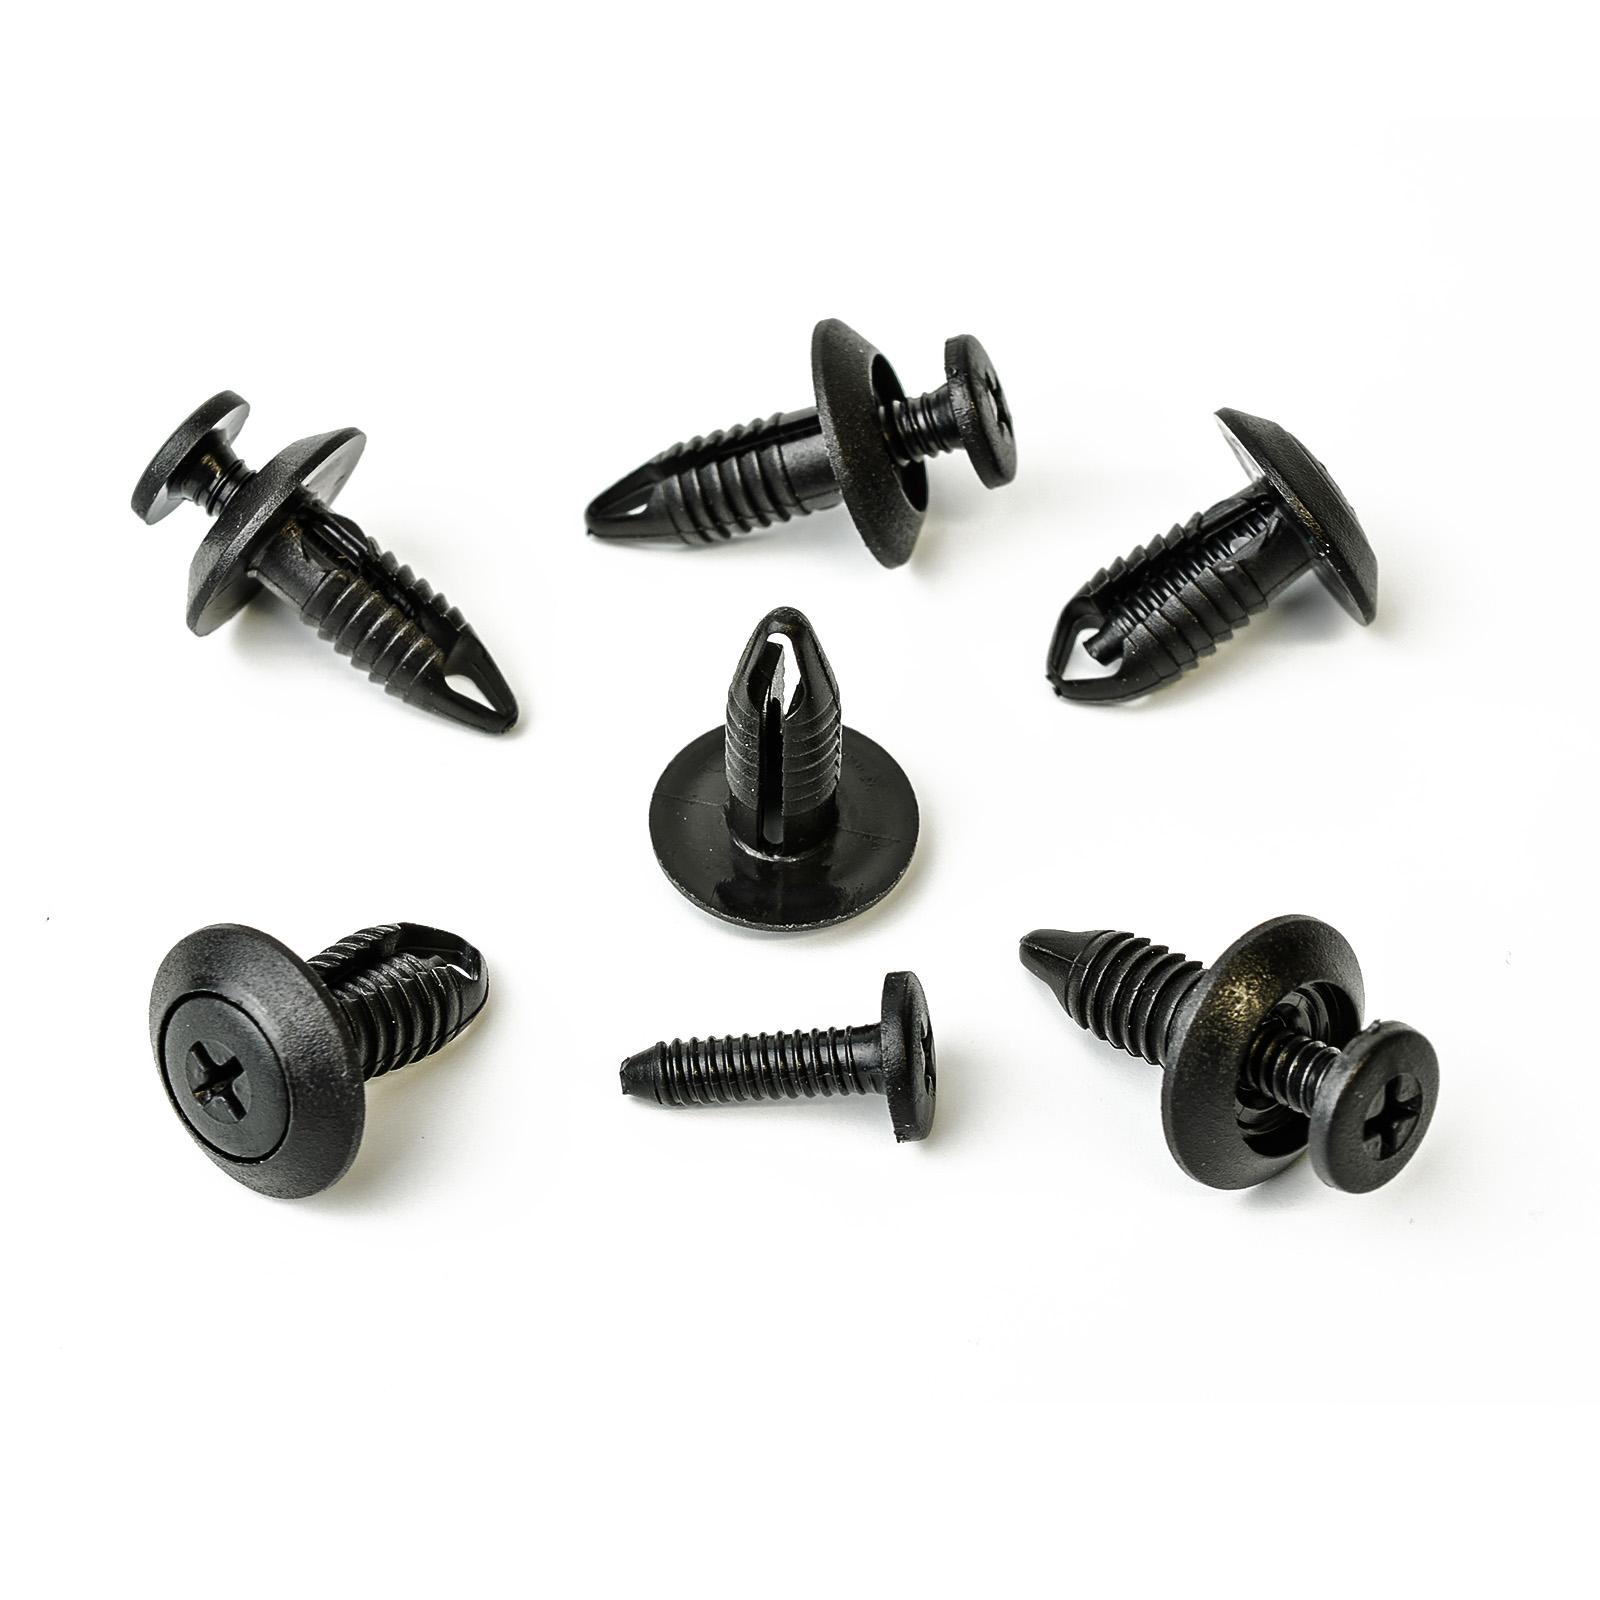 20x Verkleidung Clips Befestigung Klips Halter für Ford Mazda Suzuki schwarz 28A